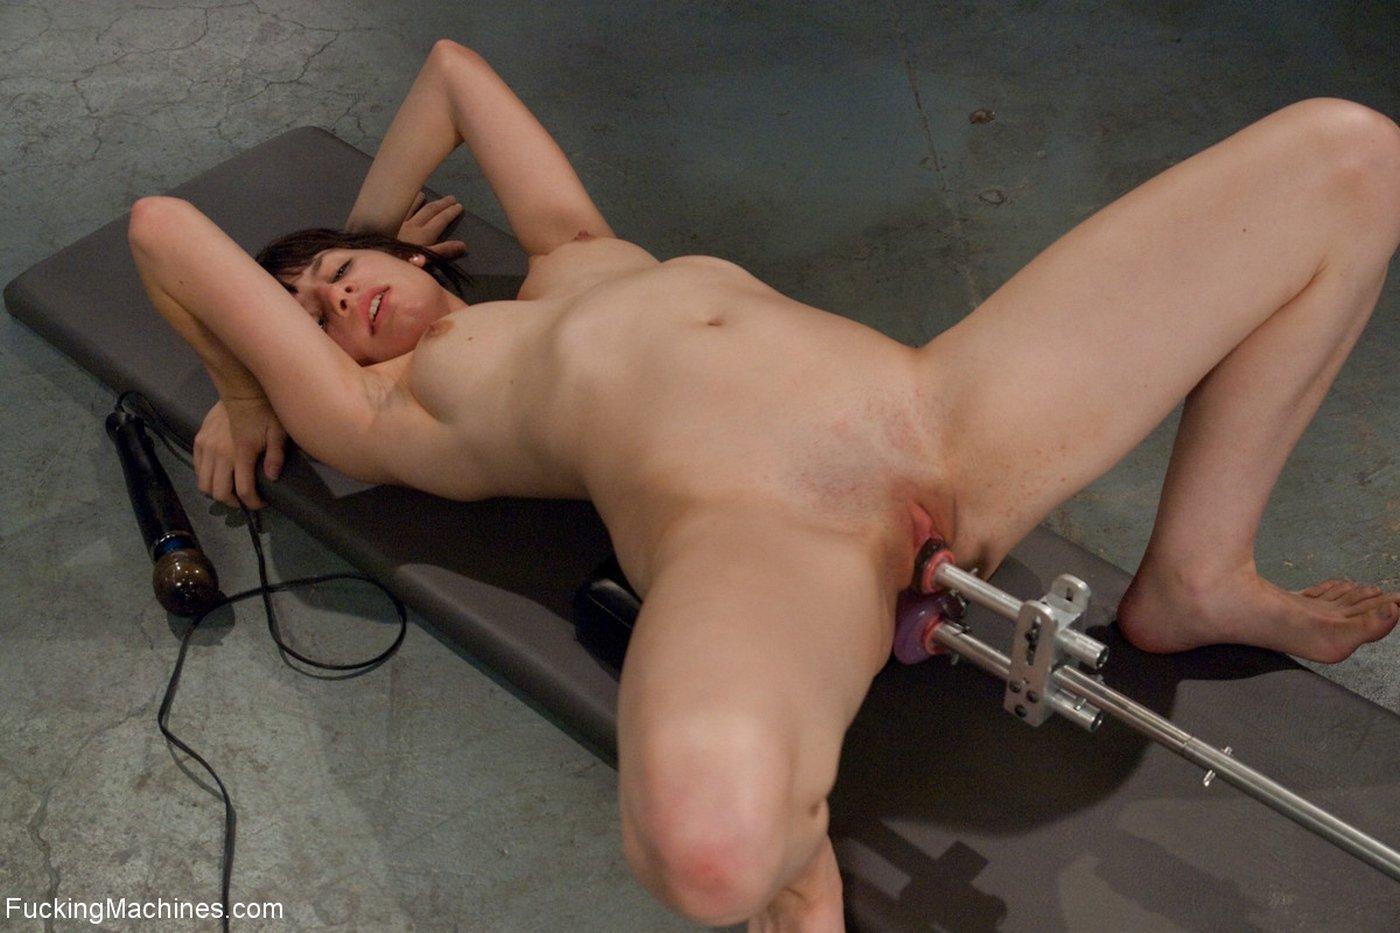 испытание секс машиной хорошее качество - 4